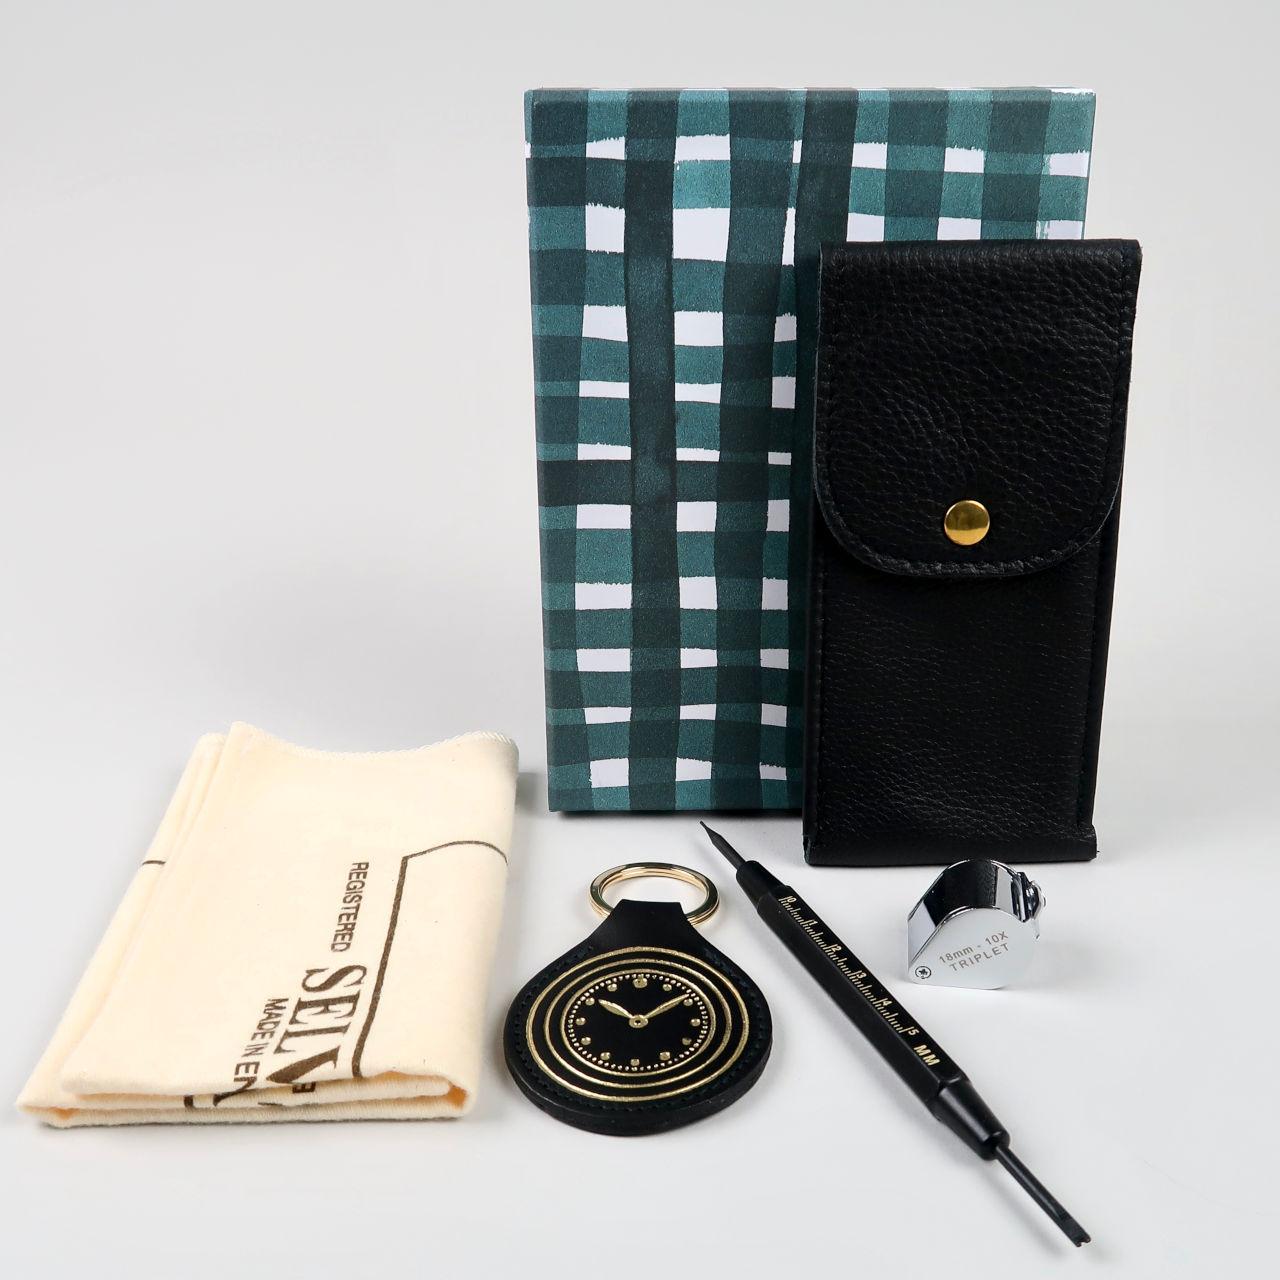 Watch Accessories Gift Set - 2